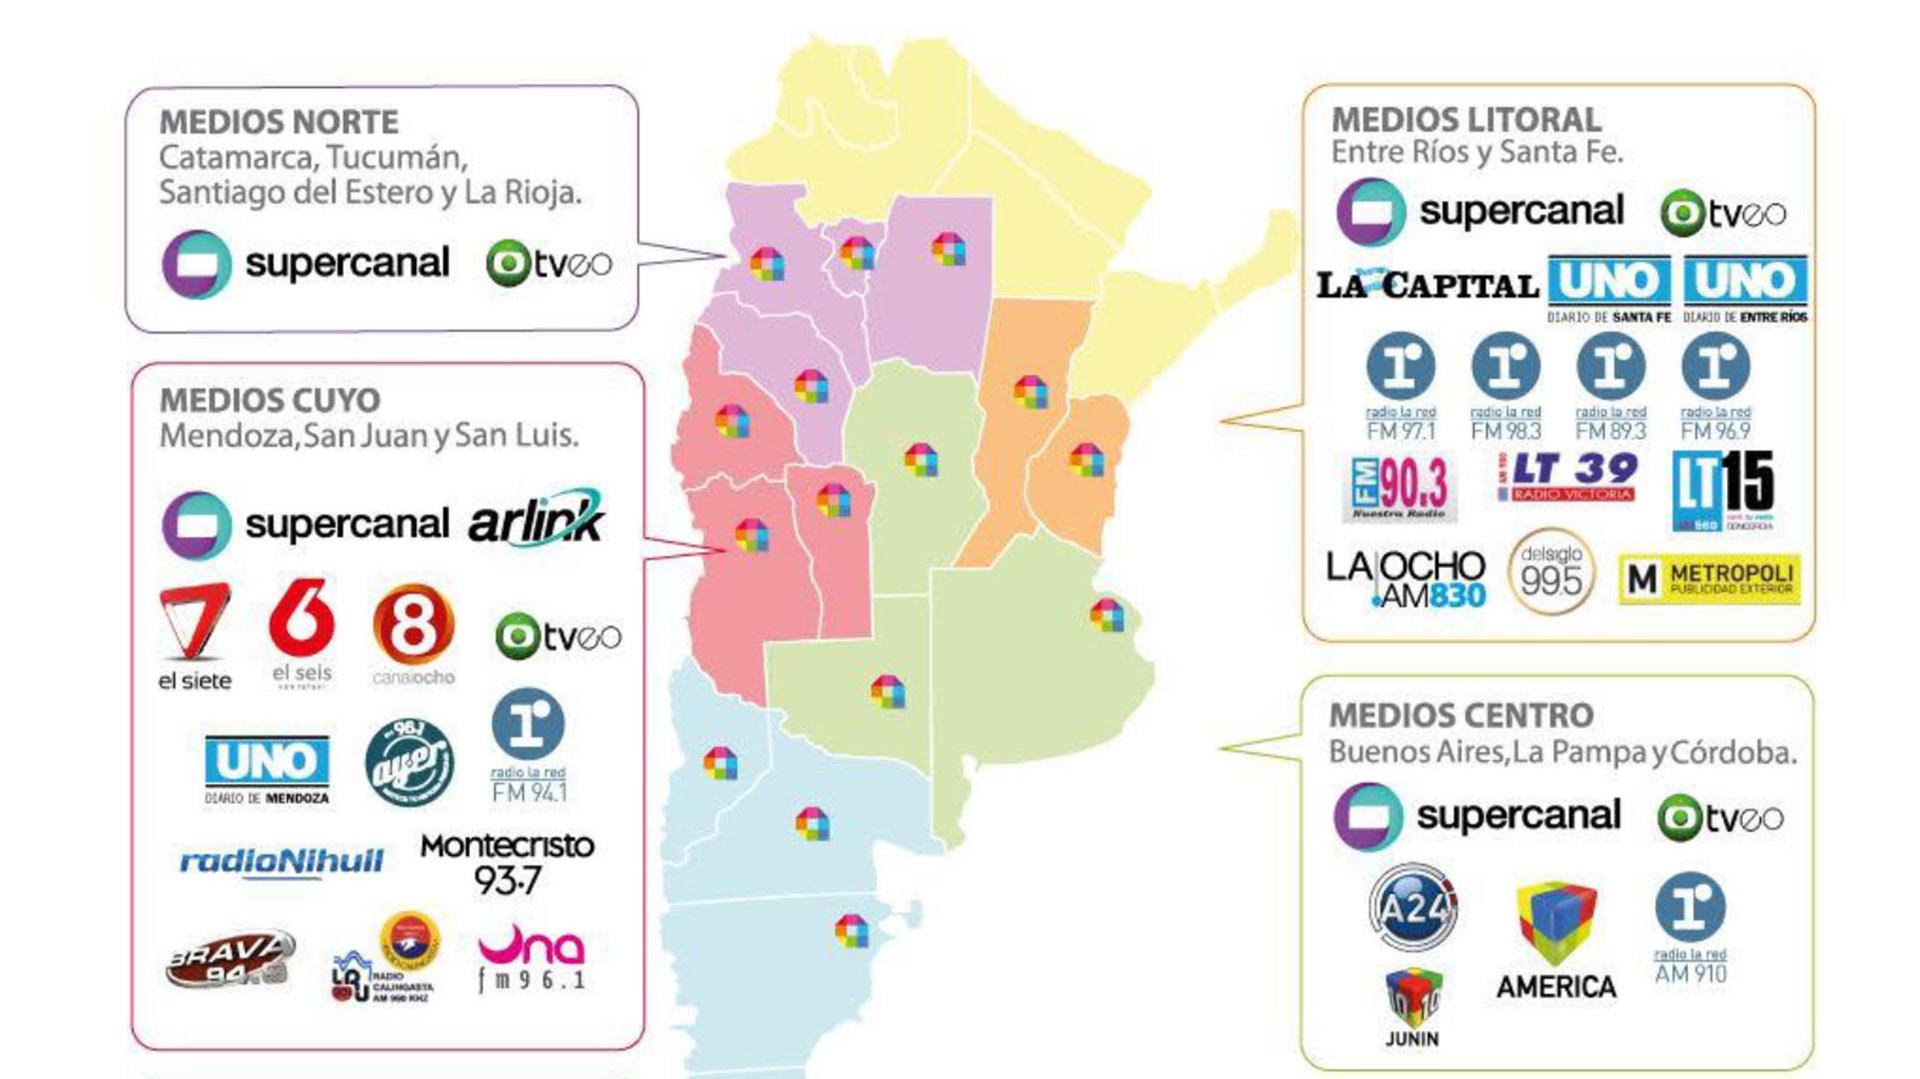 Grupo América, la nueva marca del holding de medios - Infobae